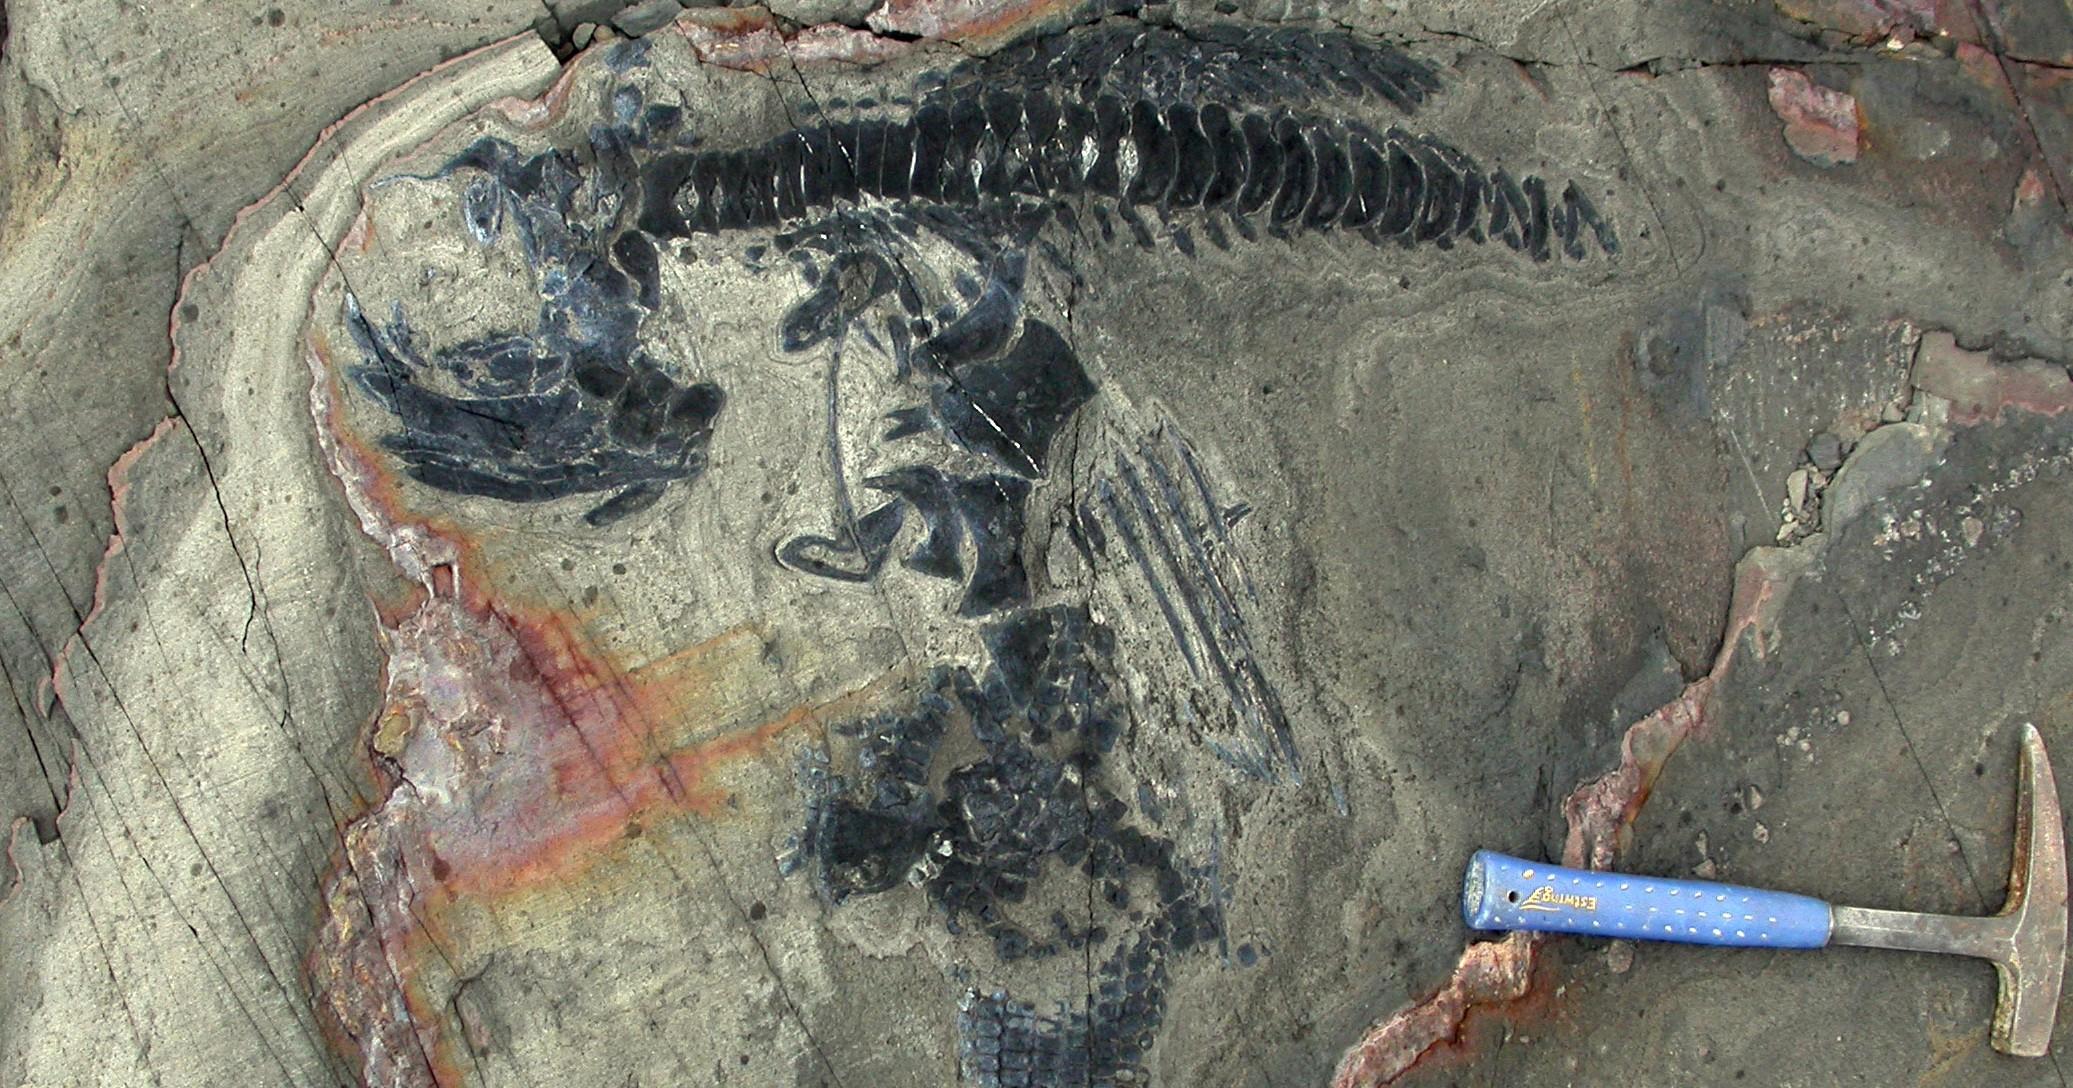 Skelett eines Ichthyosauriers aus dem National Park Torres del Paine (Chile). Foto: Wolfgang Stinnesbeck